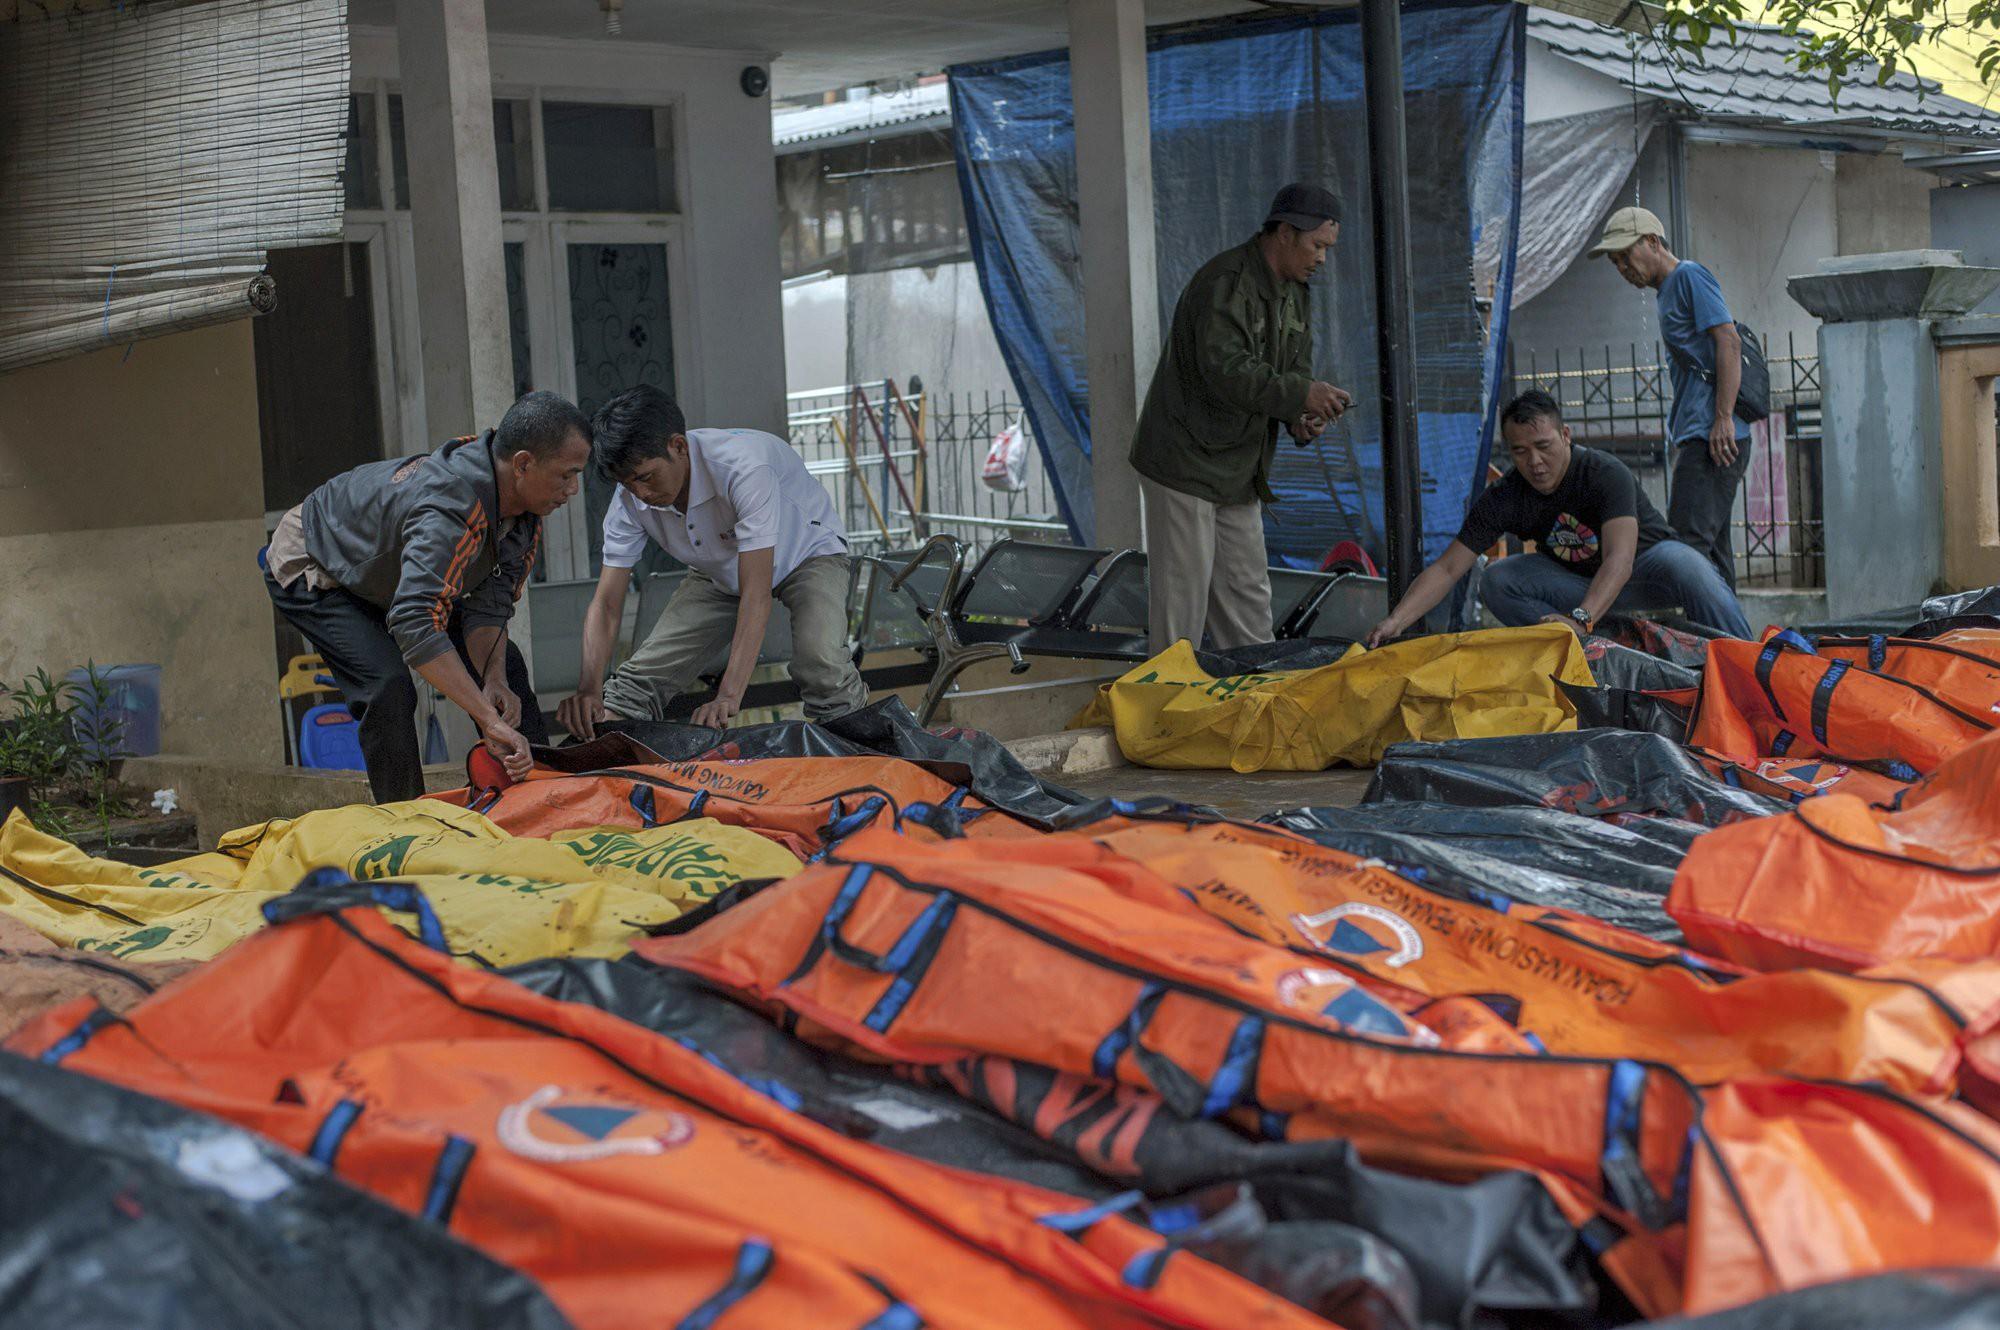 Indonesia một ngày chìm trong đau thương và nước mắt: Người dân đau đáu đi tìm người thân thích - Ảnh 8.